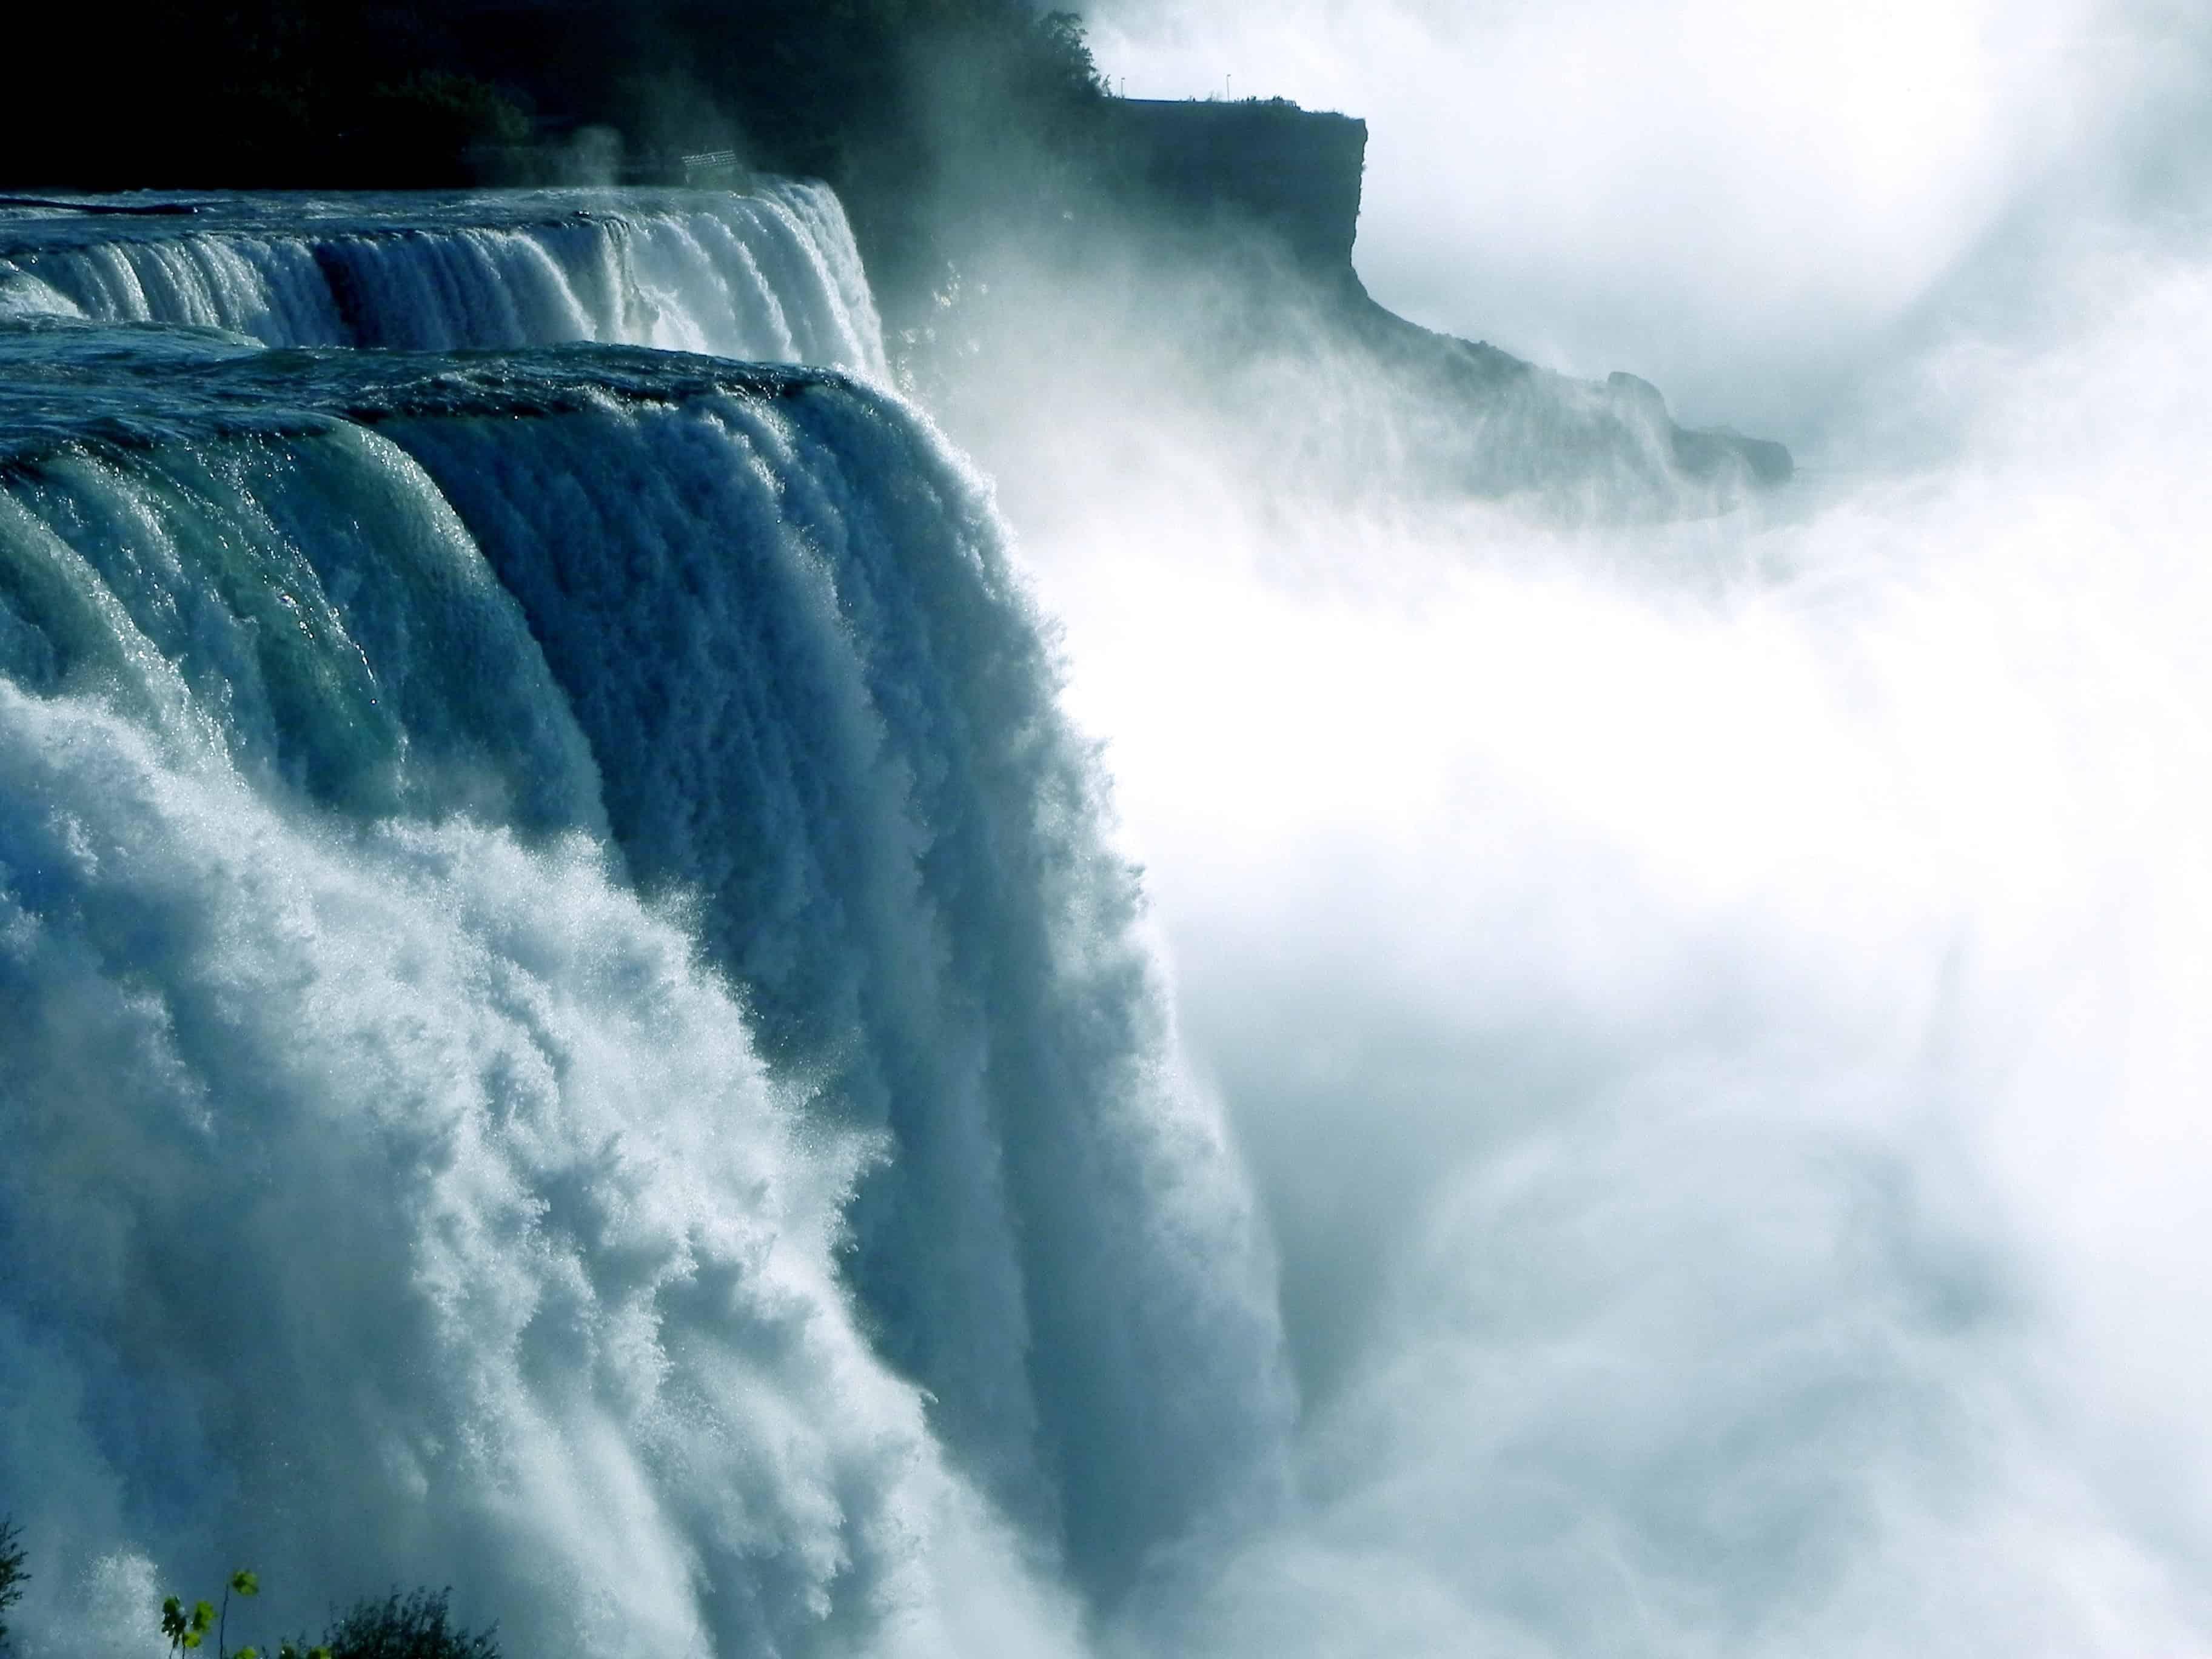 Large Waterfall, Croatia - Top Waterfalls in the World